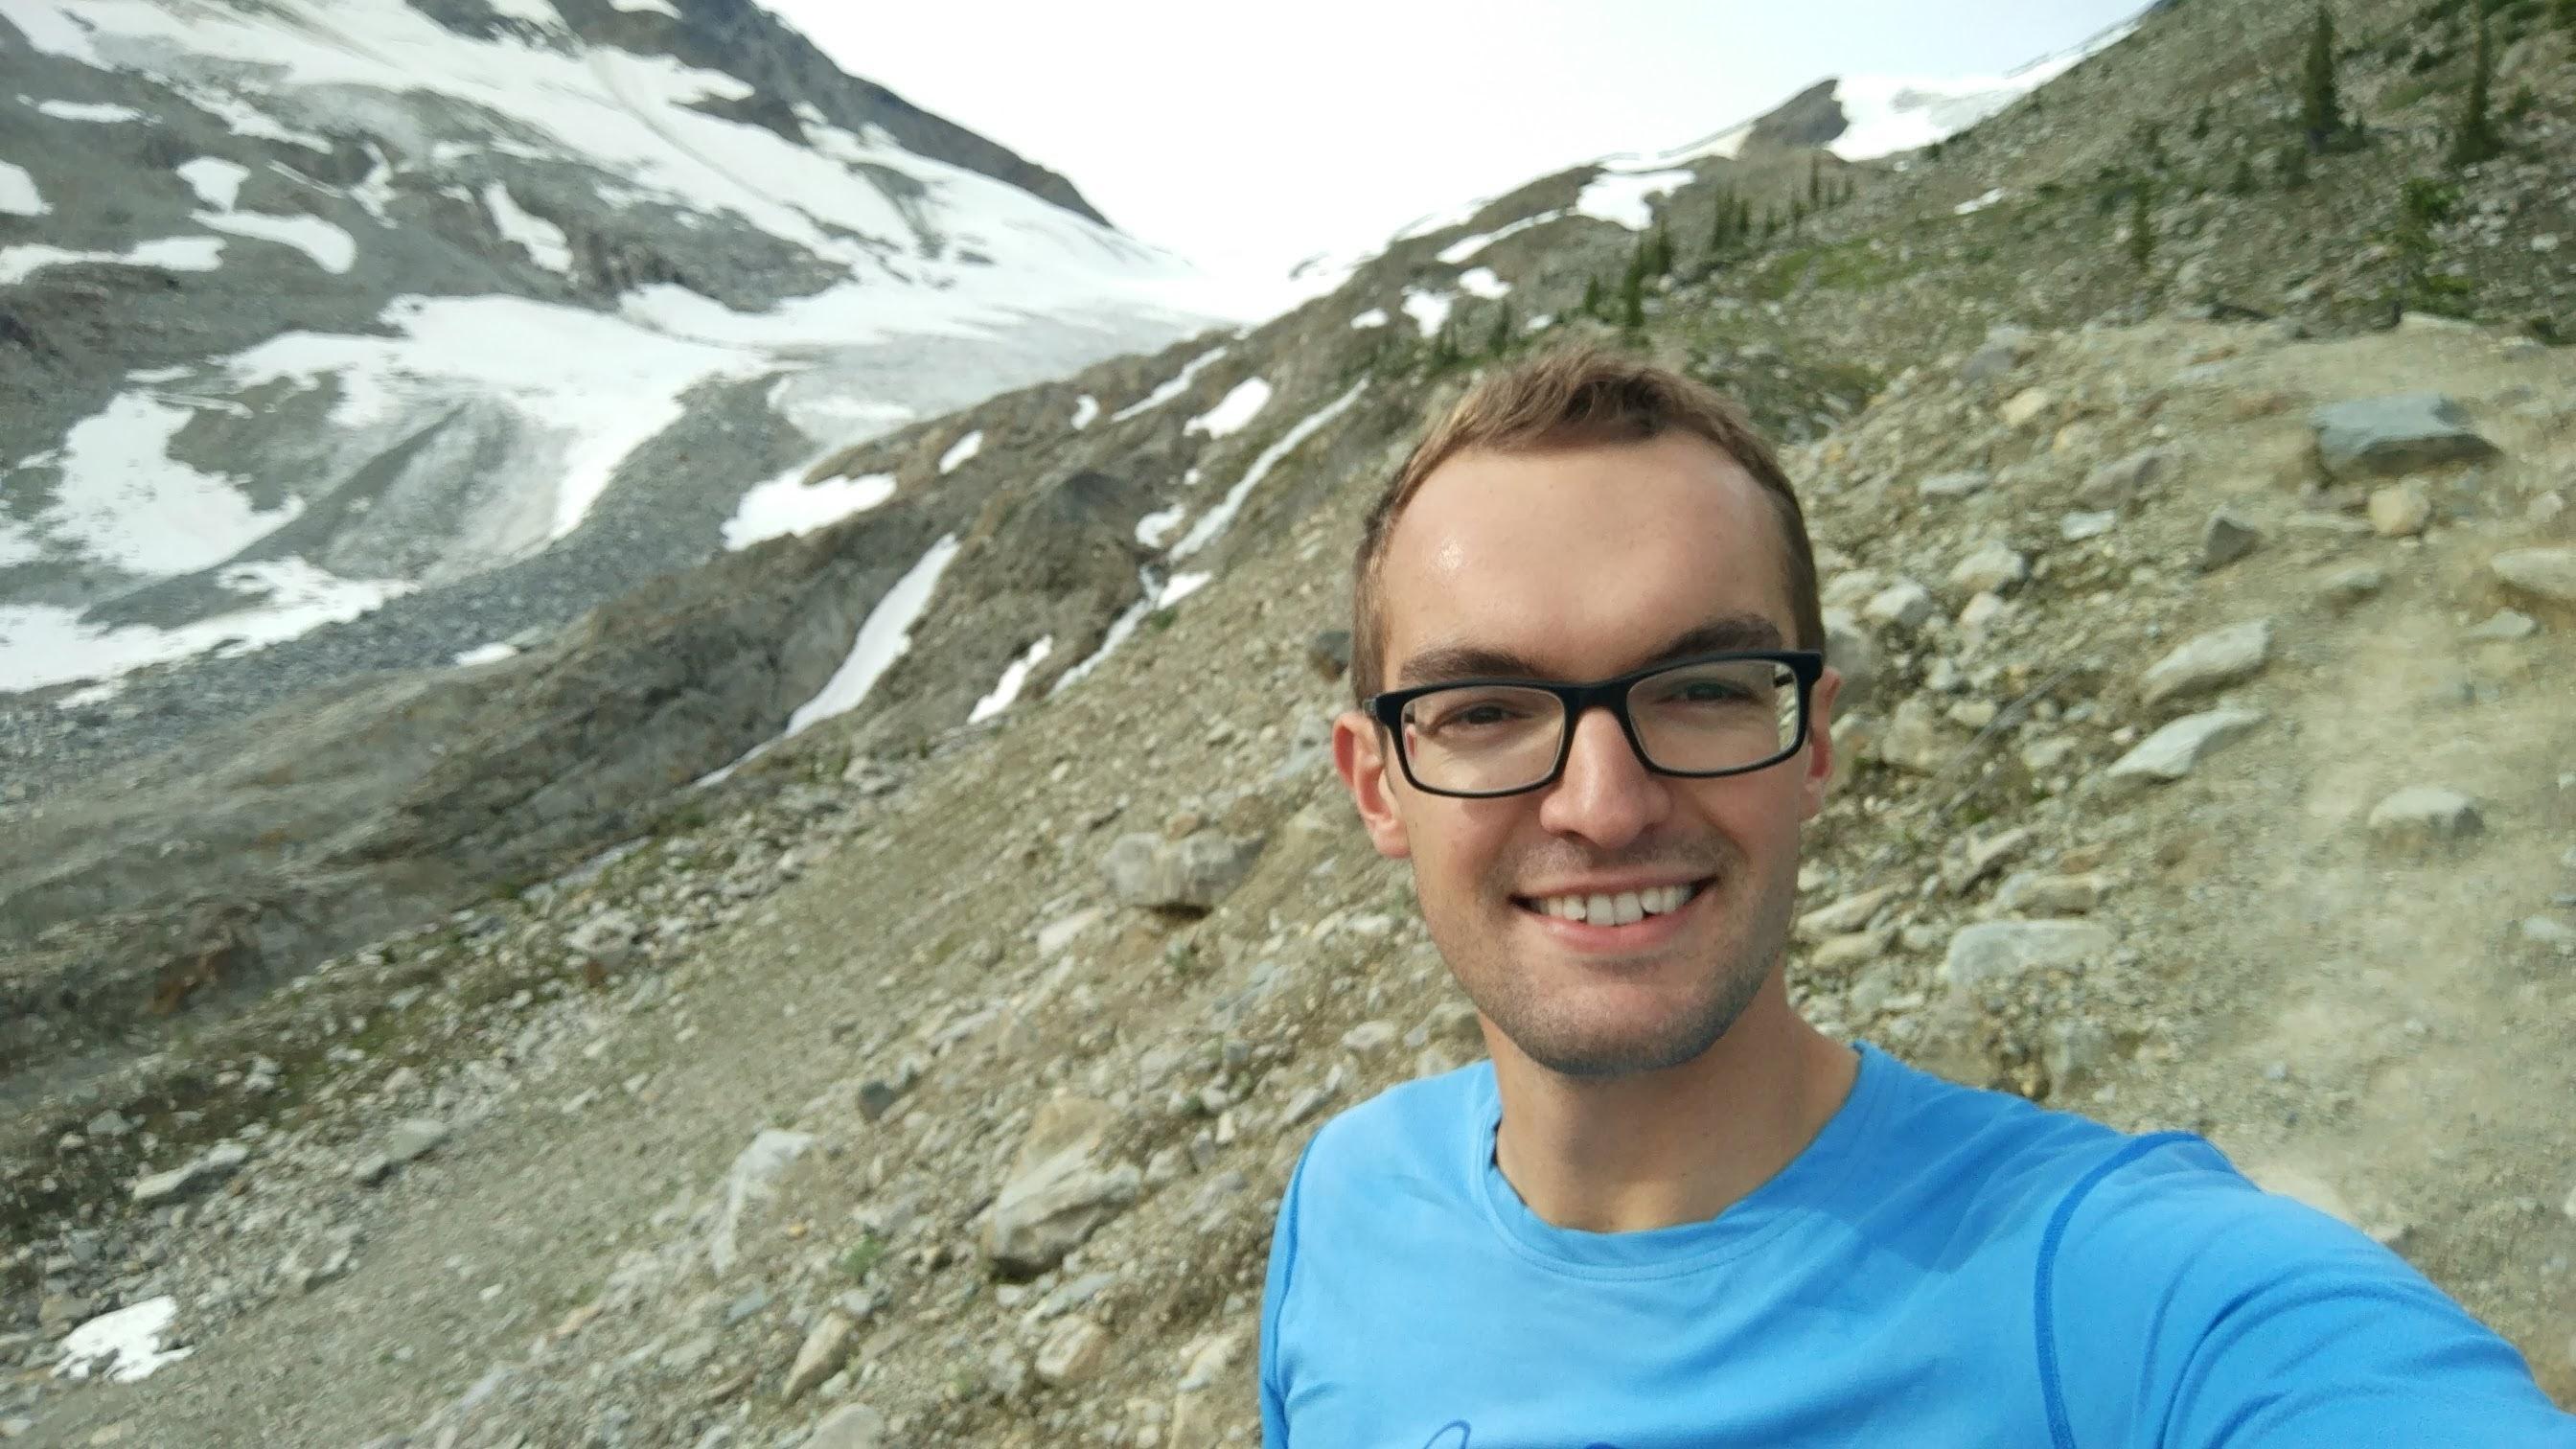 Rob having some mountainous running fun